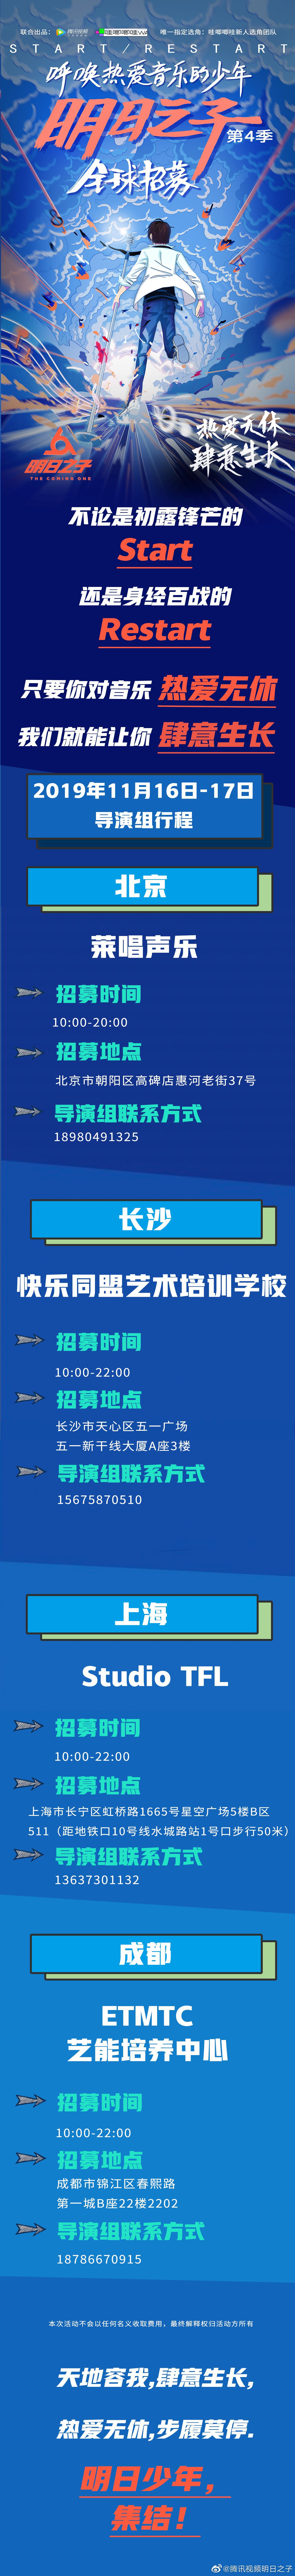 《明日之子》第四季11月16日-17日招募行程来了